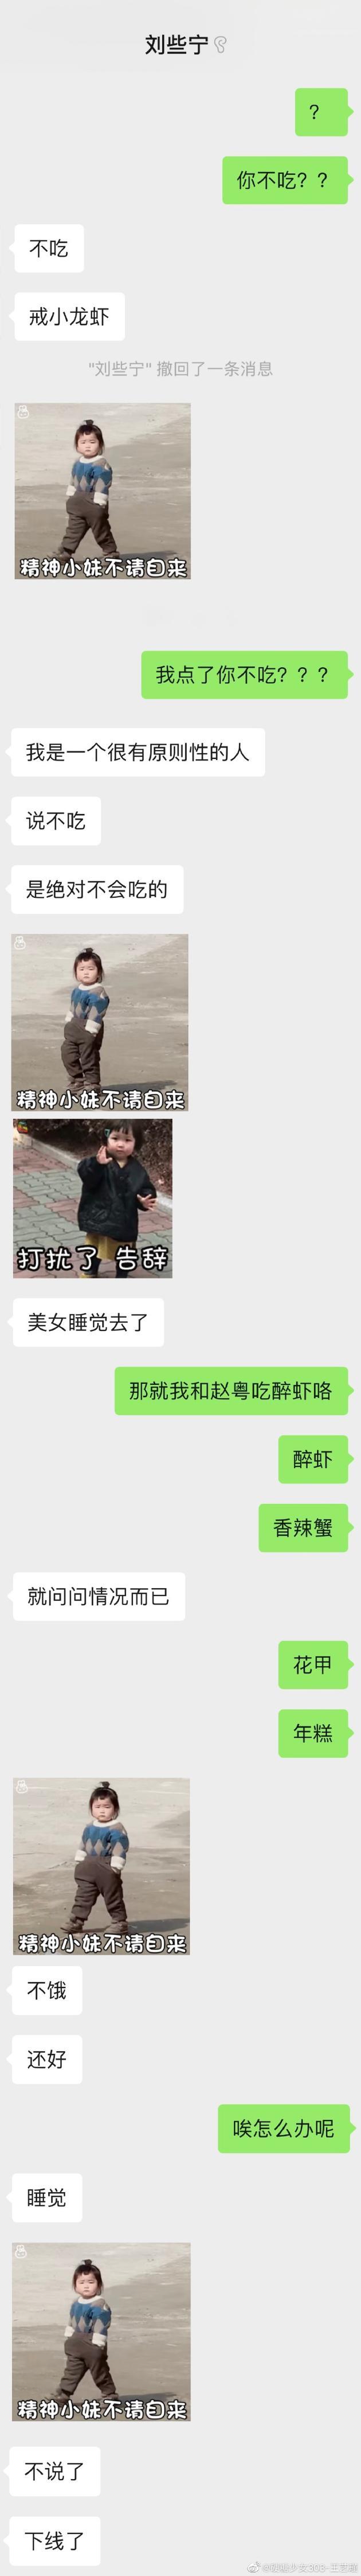 刘些宁立flag要戒小龙虾 王艺瑾晒成堆虾壳打脸